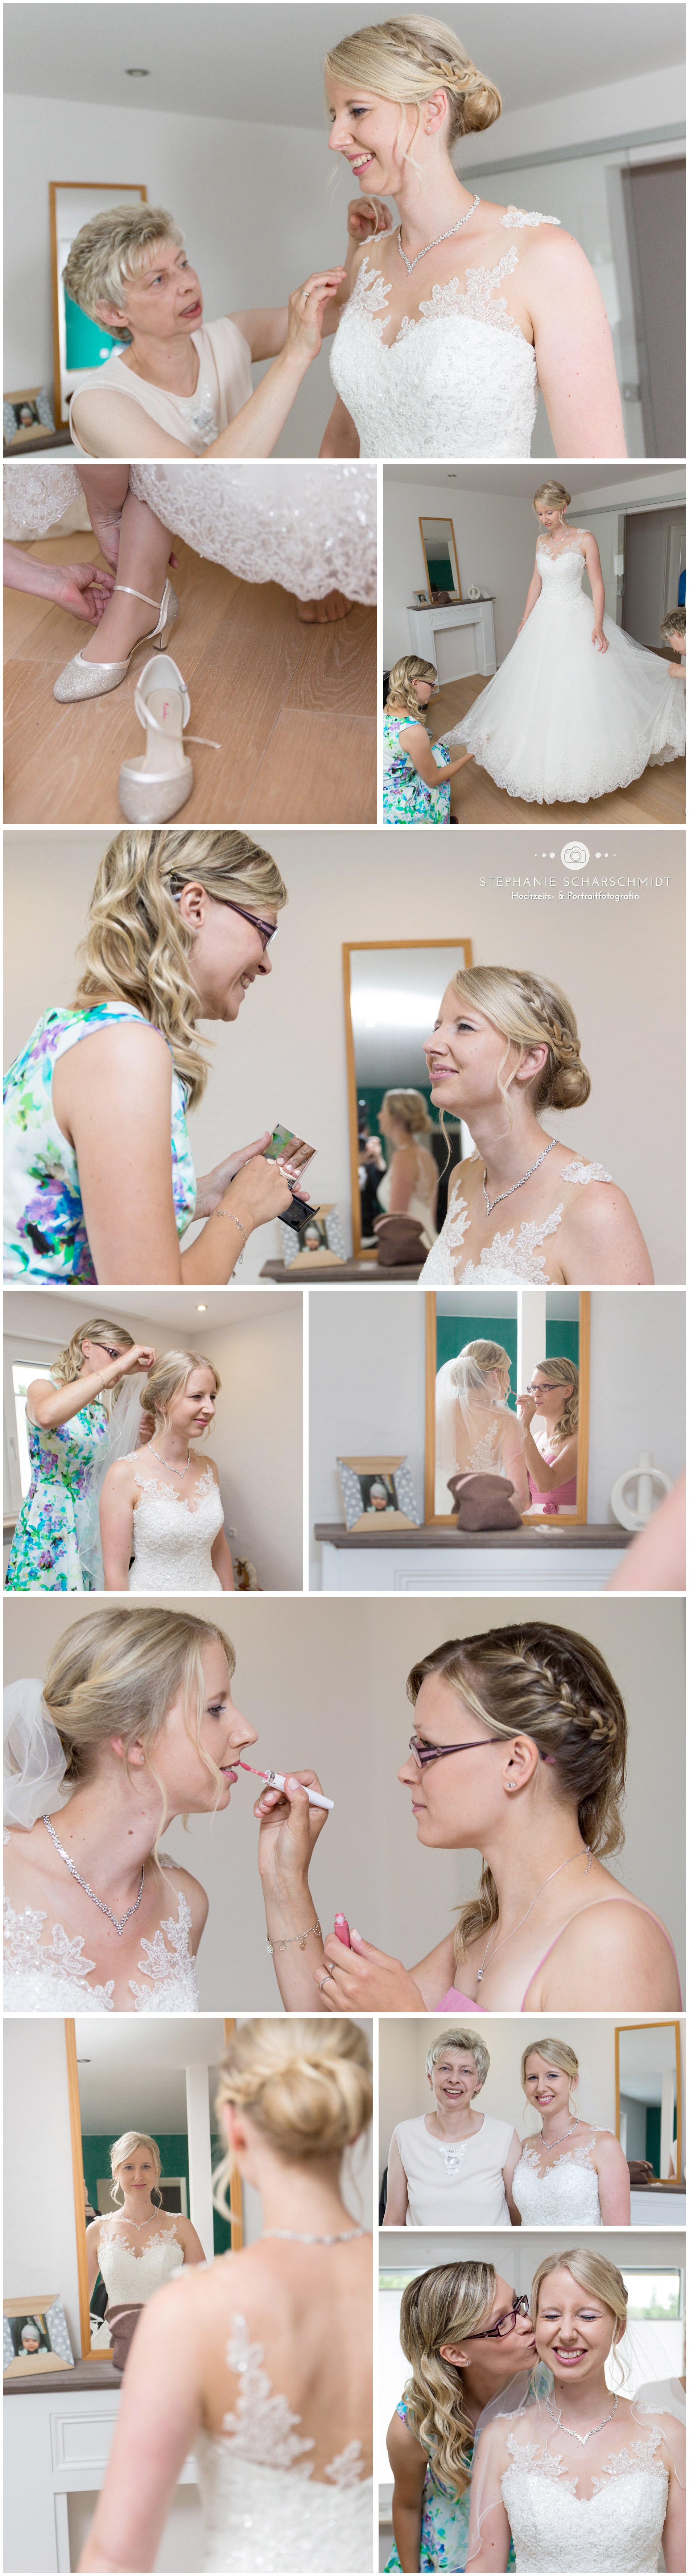 Hochzeitsfotograf Bayern - Hochzeits- und Portraitfotografin Stephanie Scharschmidt